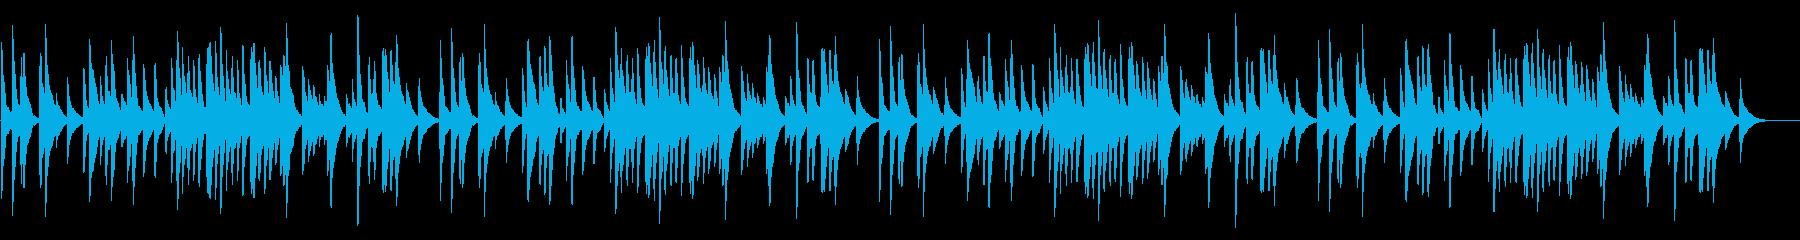 もろびとこぞりて 18弁オルゴールの再生済みの波形